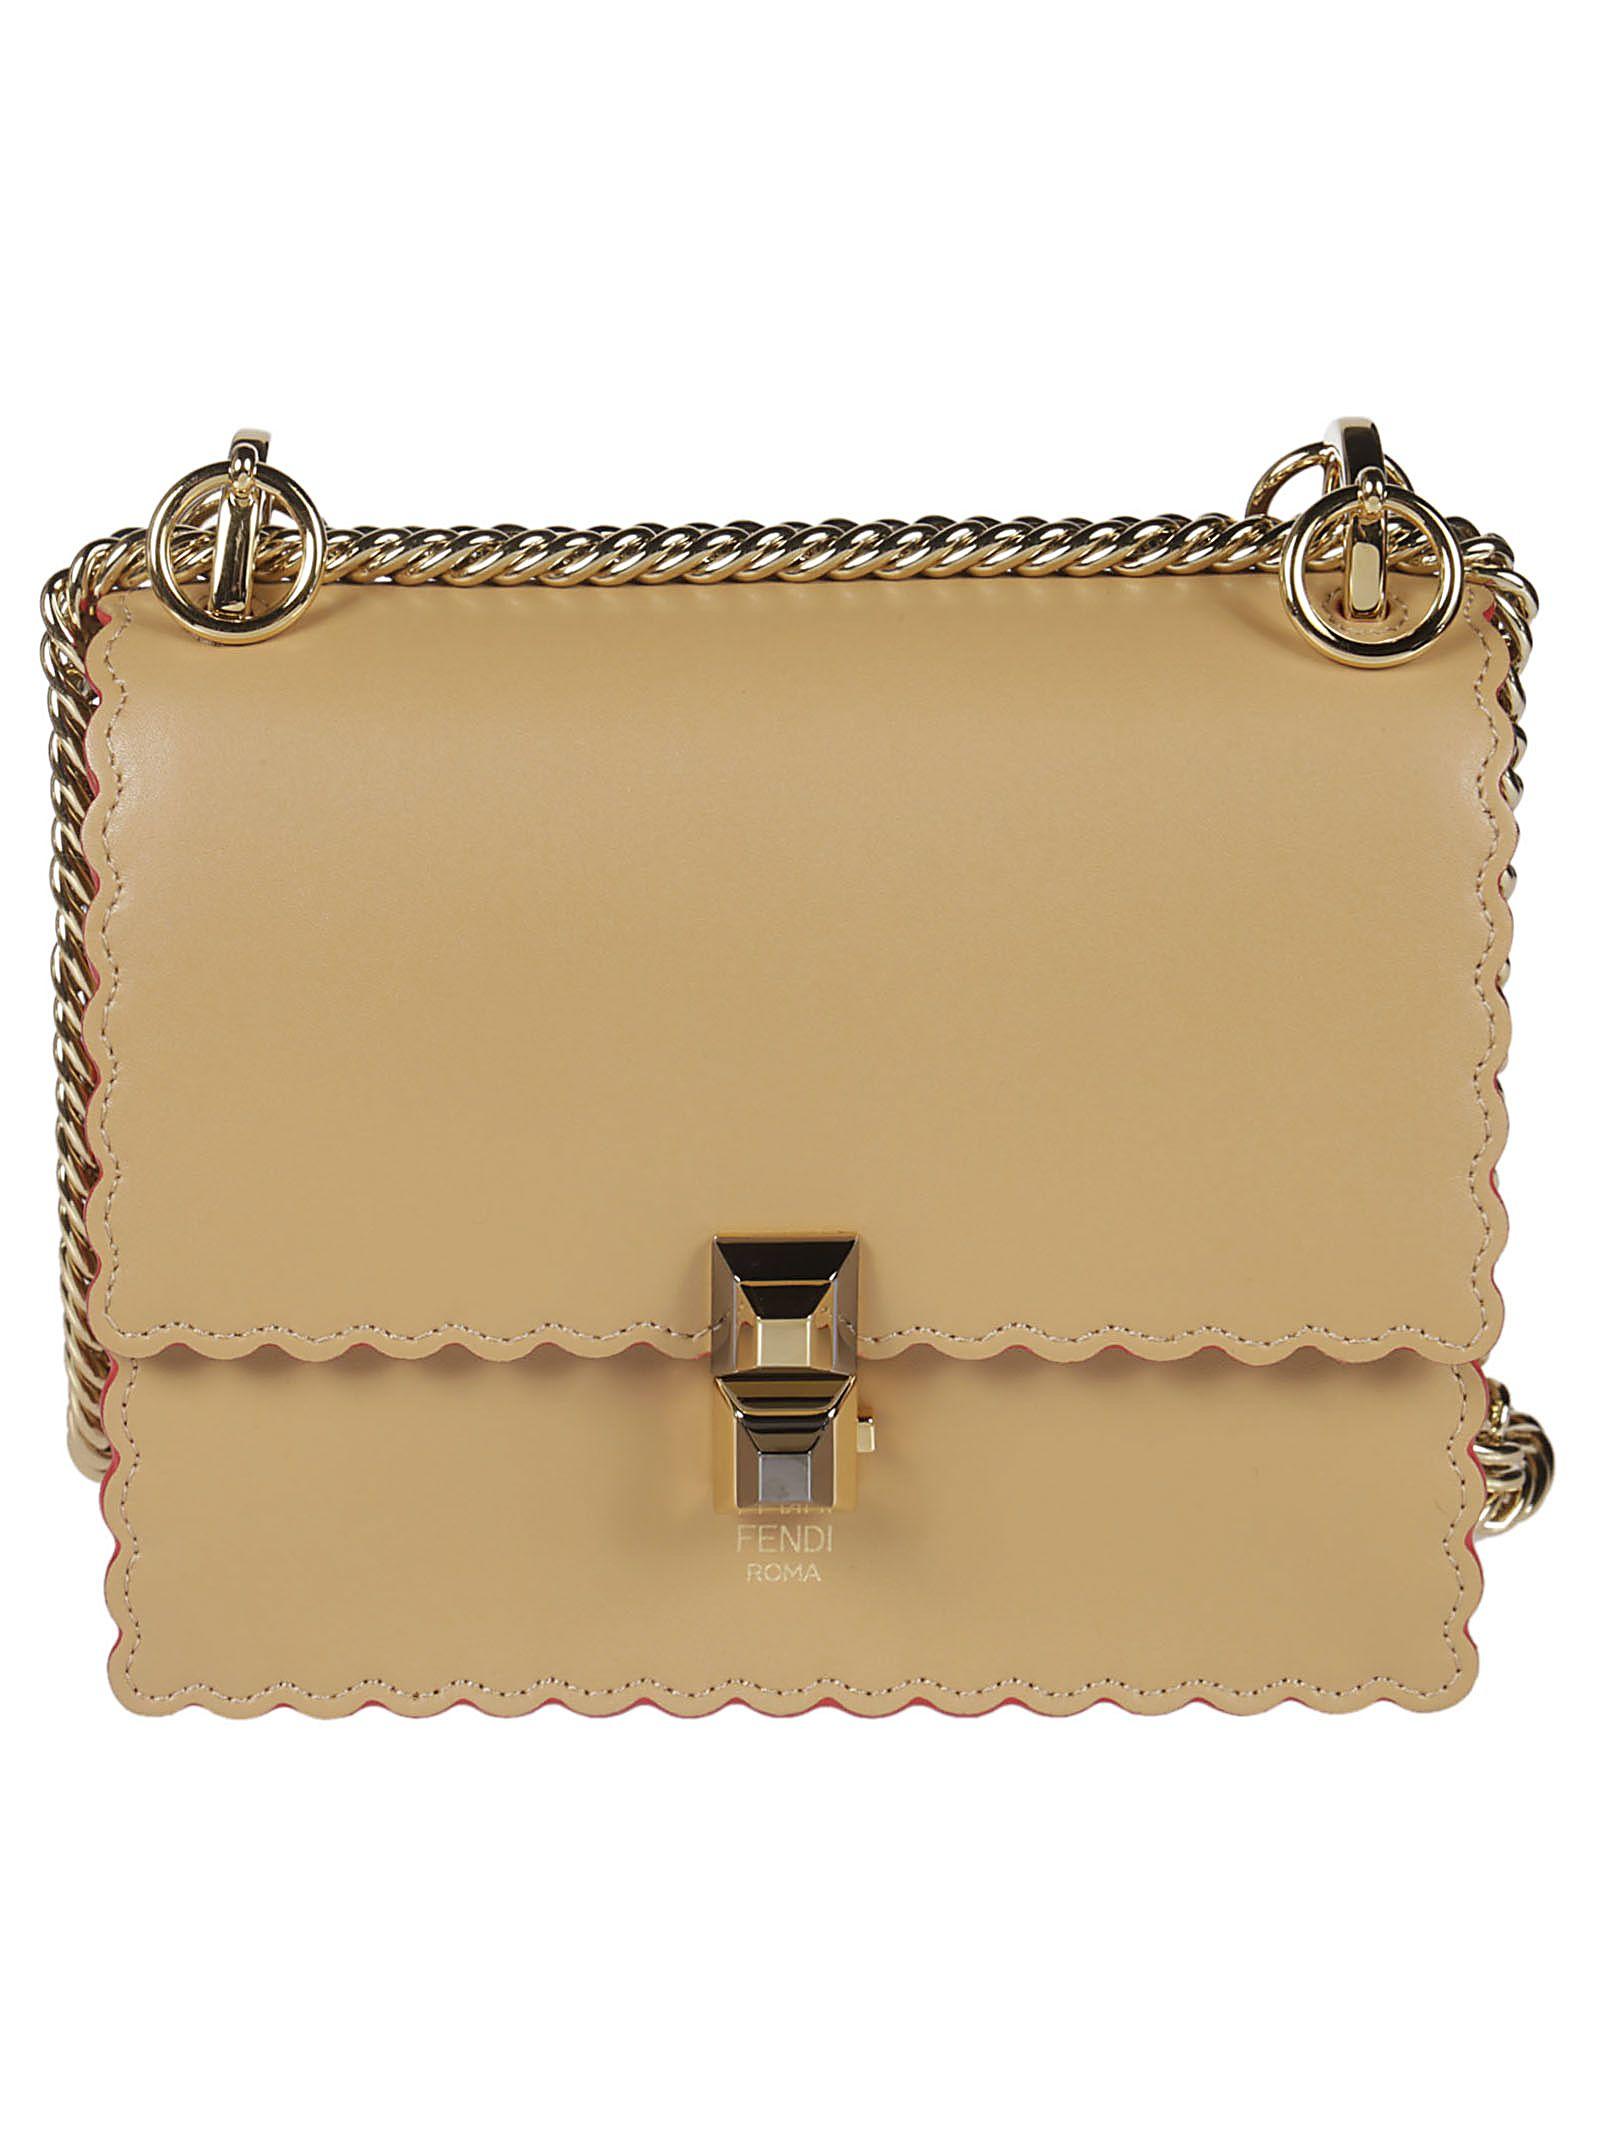 e5ee81cef7eb Fendi Fendi Scalloped Shoulder Bag - honey - 10805950